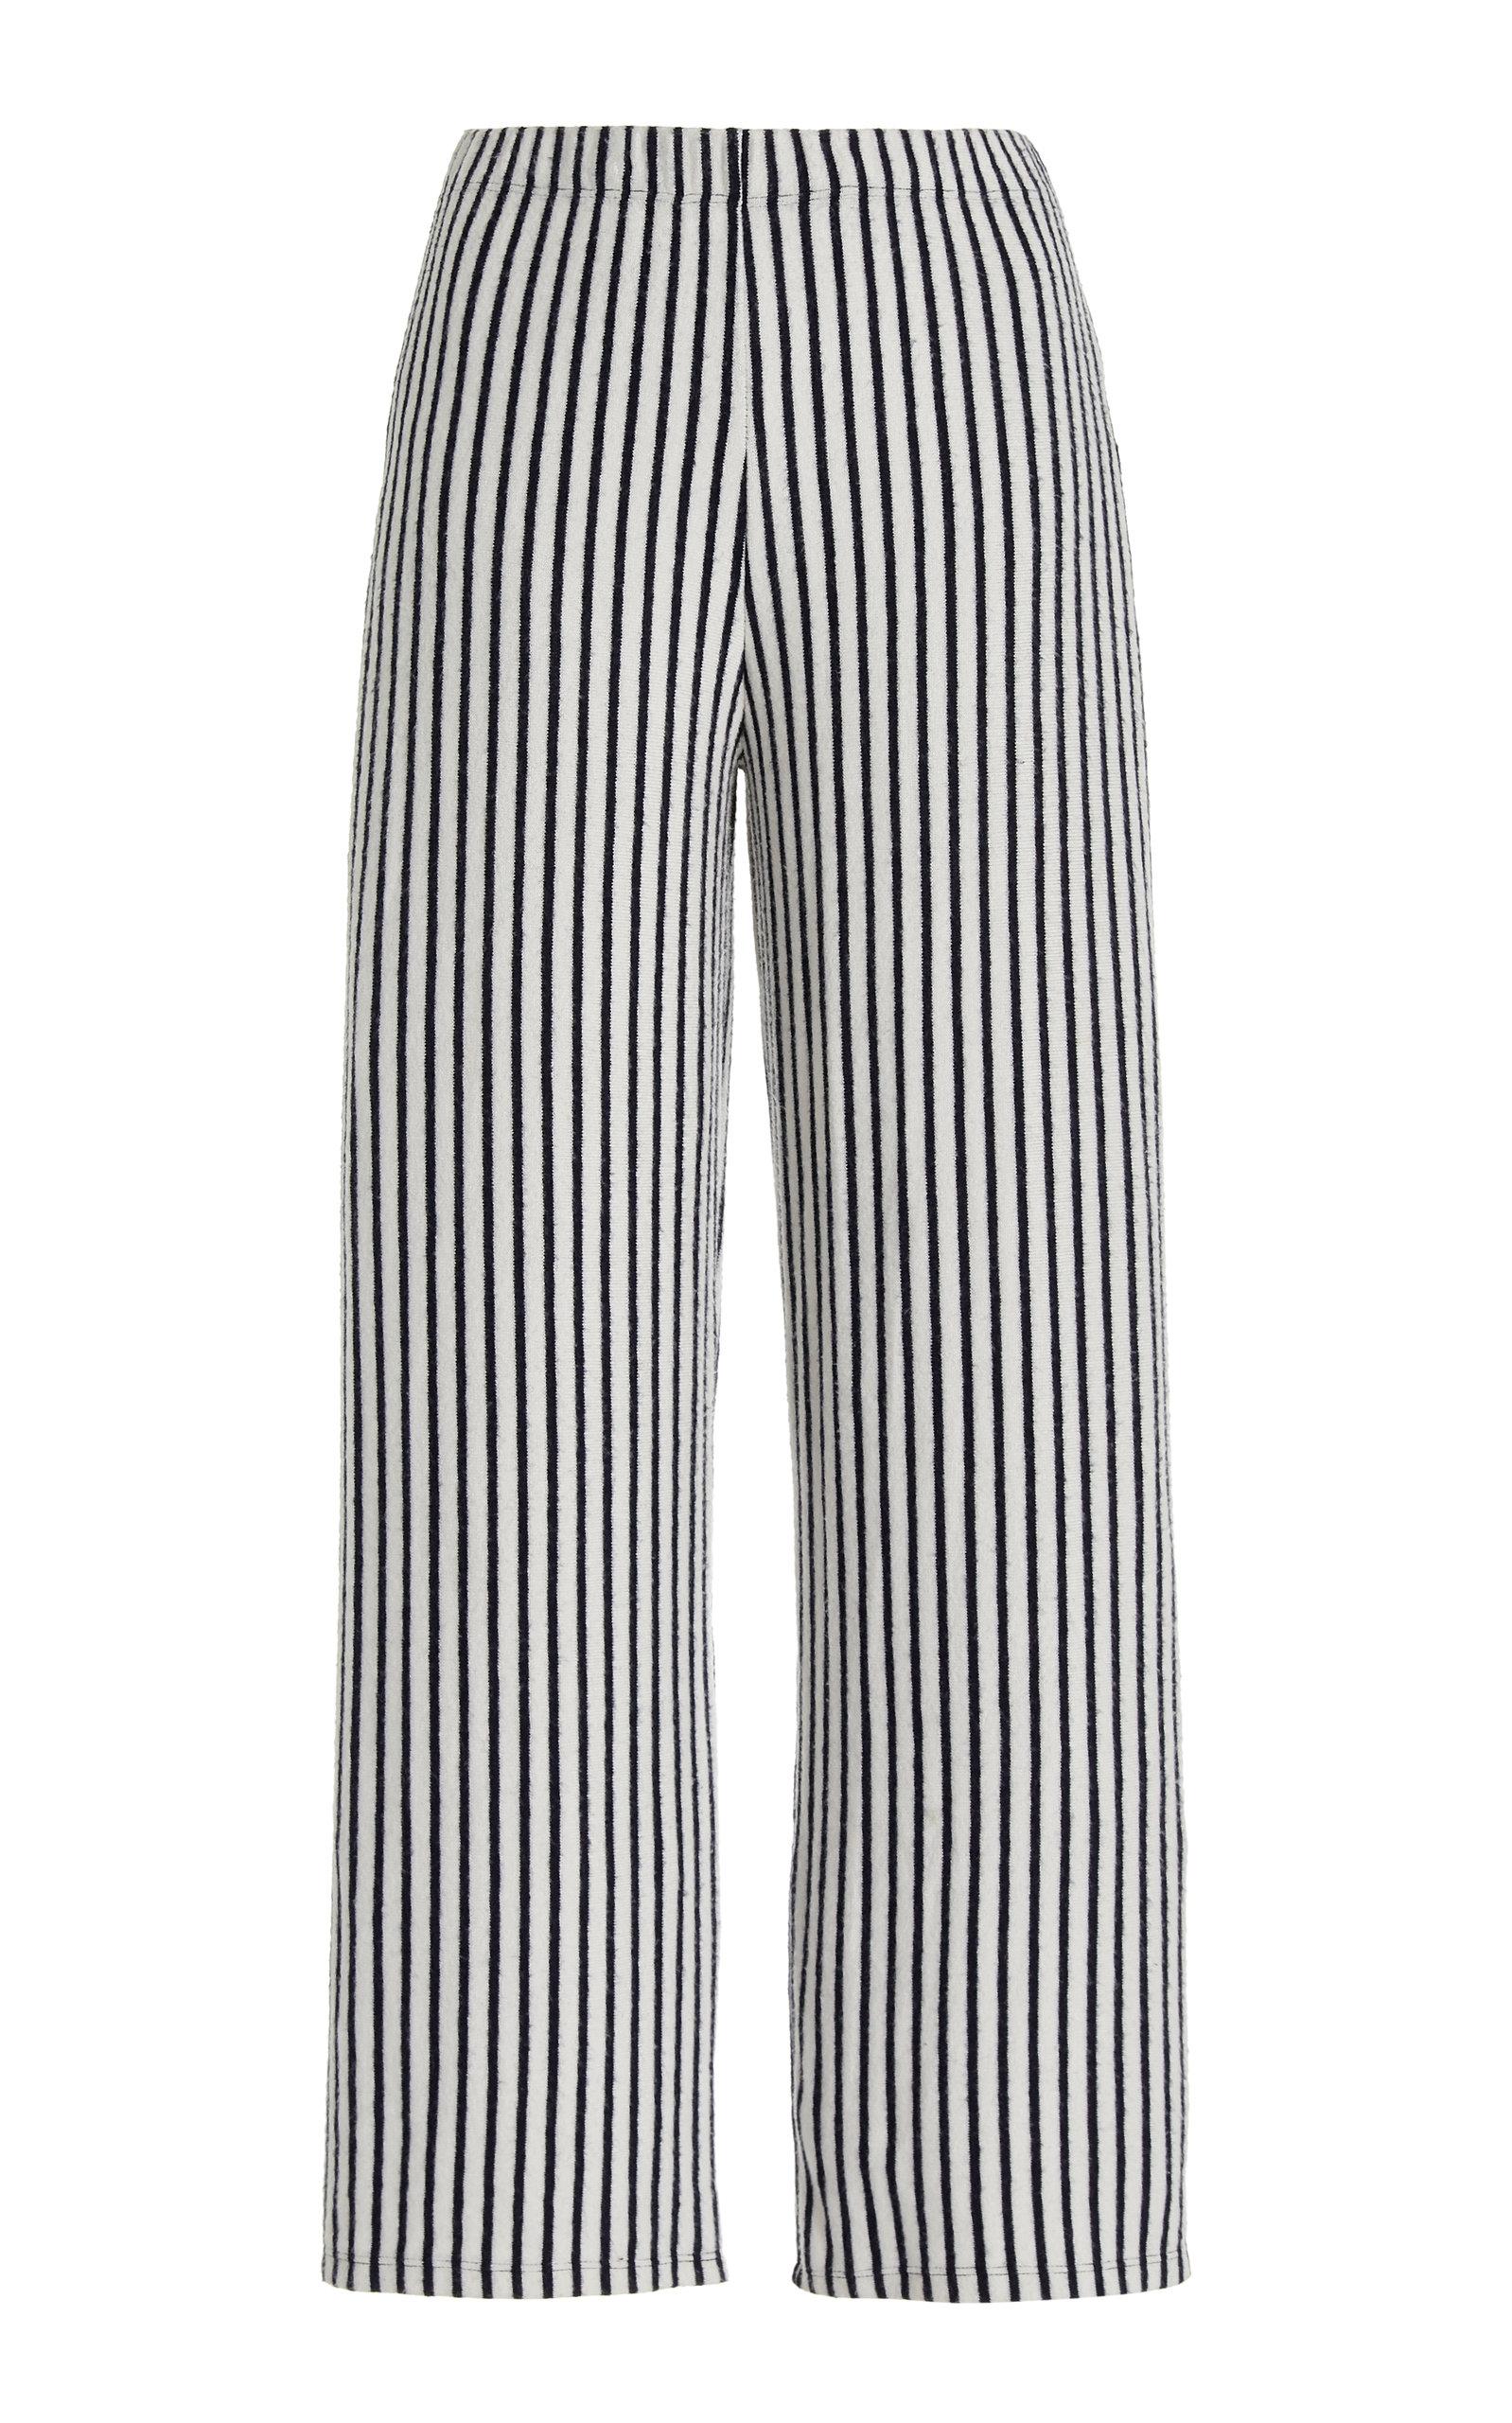 Women's Lori Stripe Burnout Knit Pants